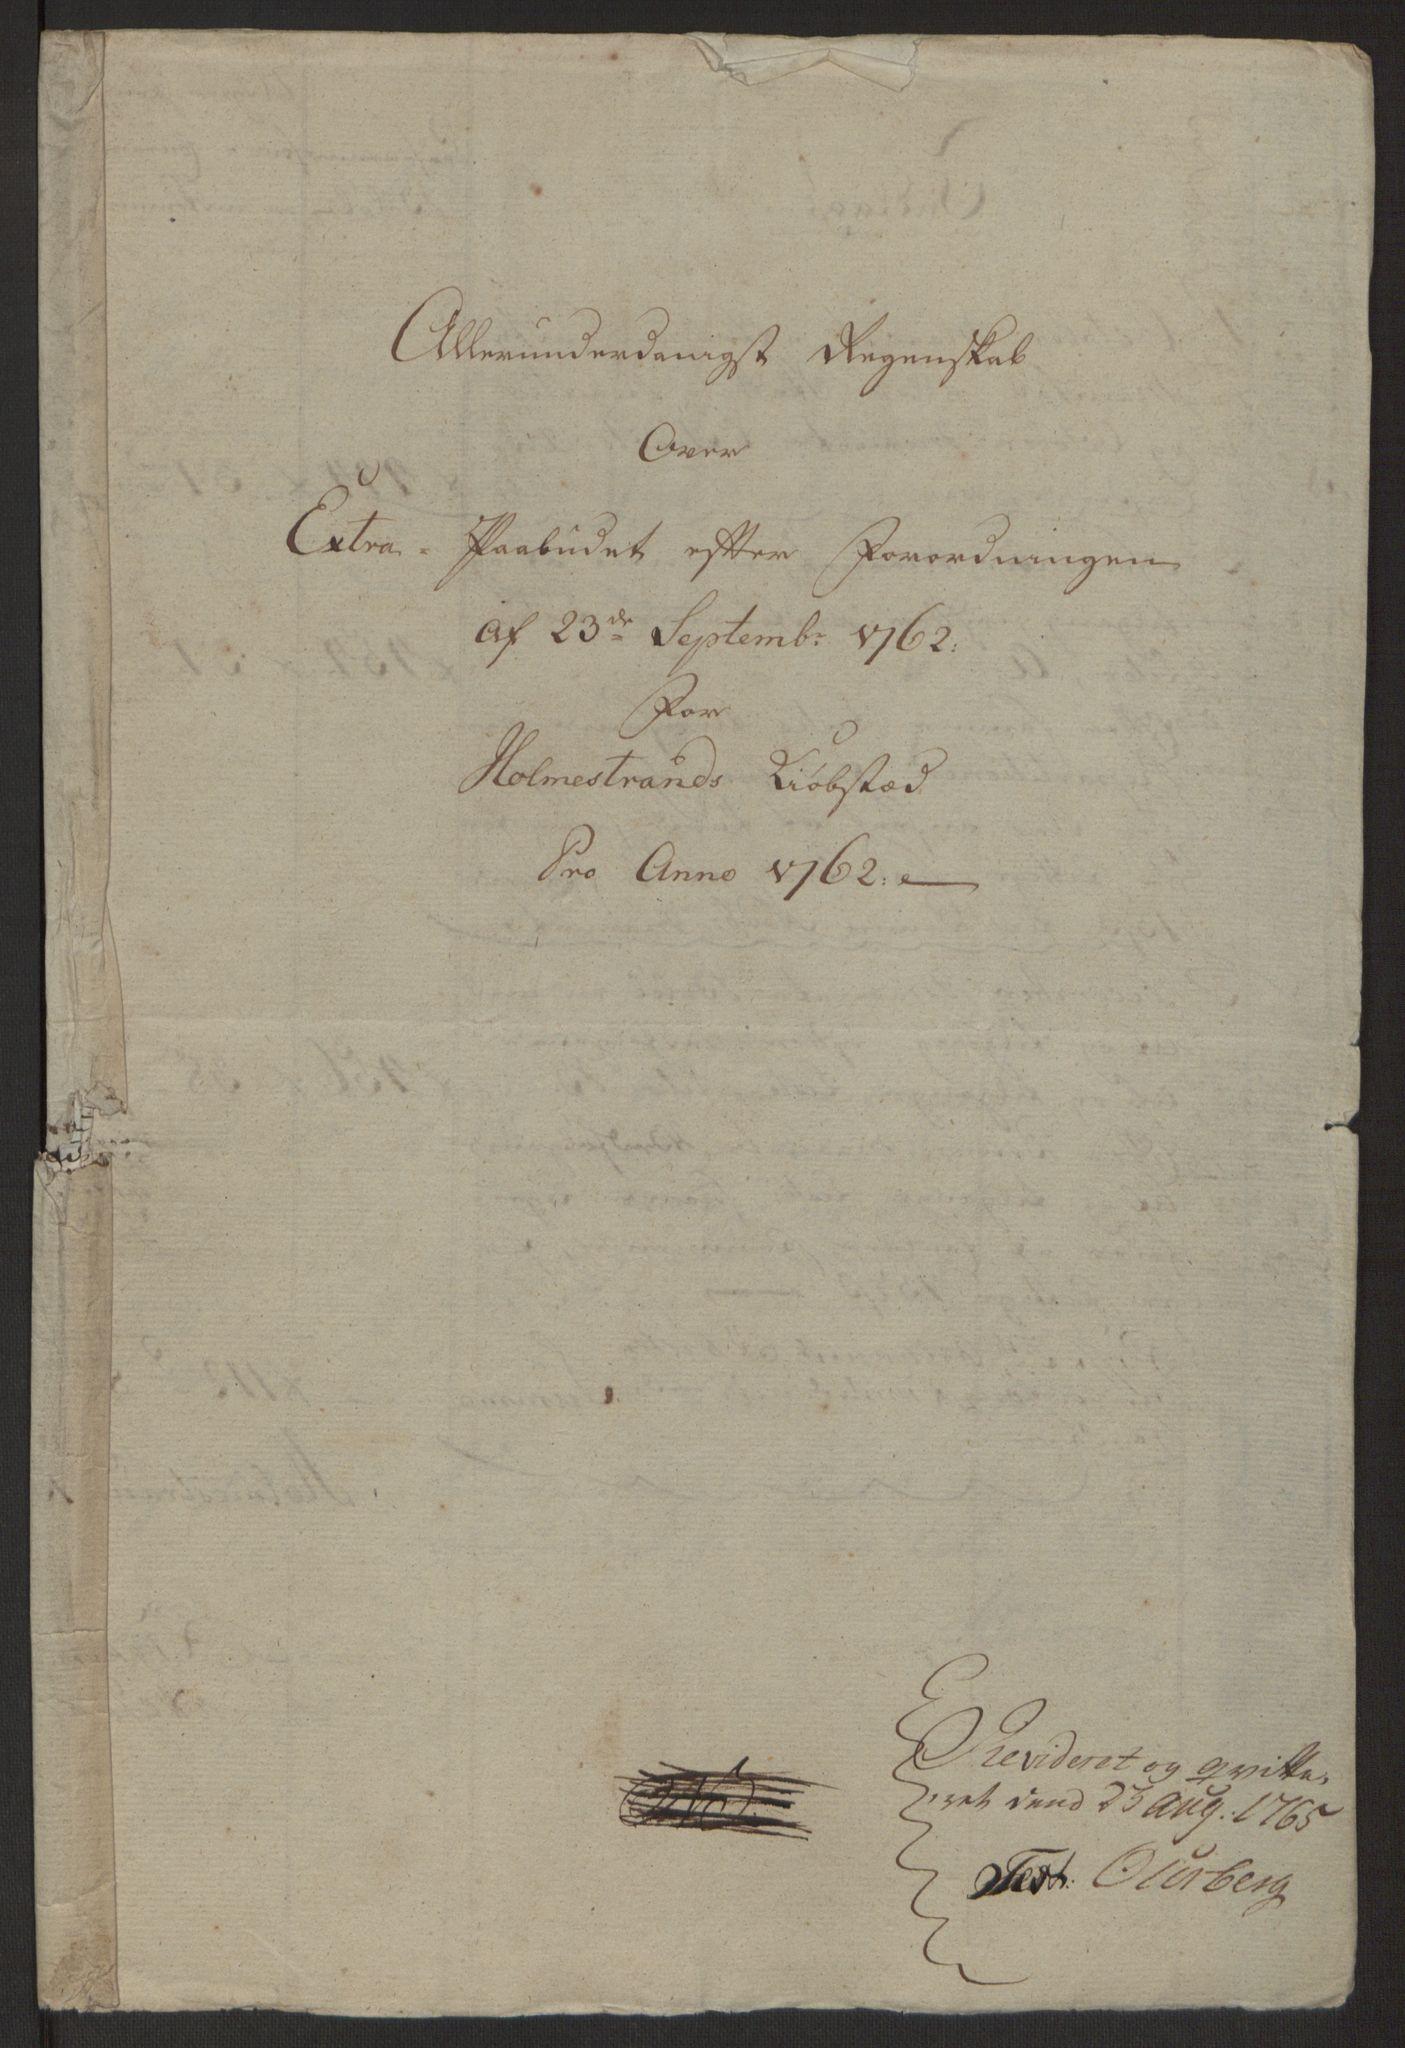 RA, Rentekammeret inntil 1814, Reviderte regnskaper, Byregnskaper, R/Rh/L0163: [H4] Kontribusjonsregnskap, 1762-1772, s. 4